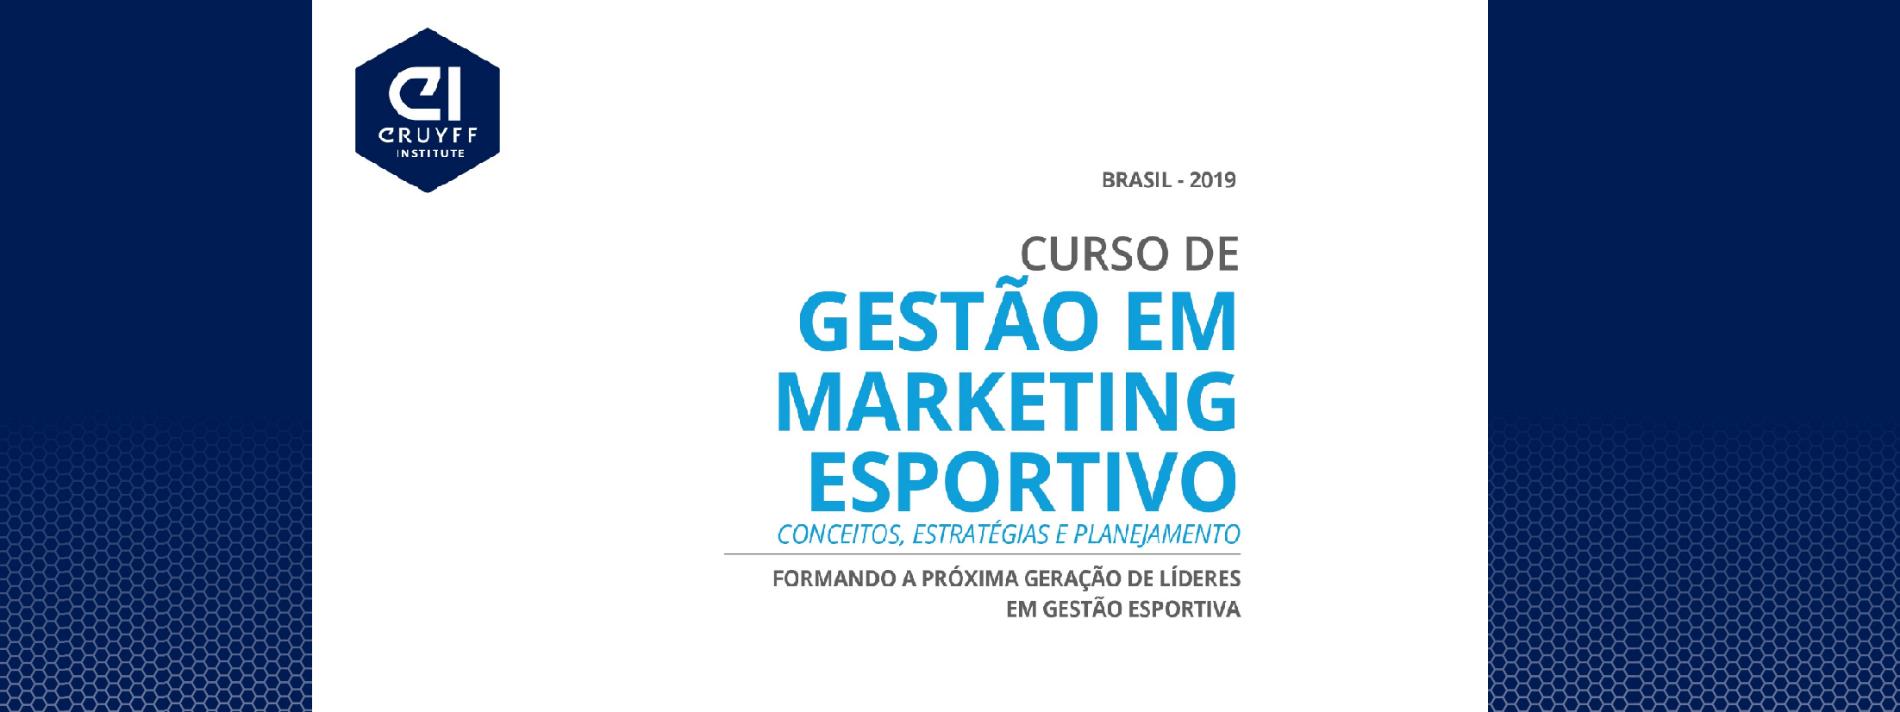 Gestão em Marketing Esportivo - Conceitos, Estratégias e Planejamento